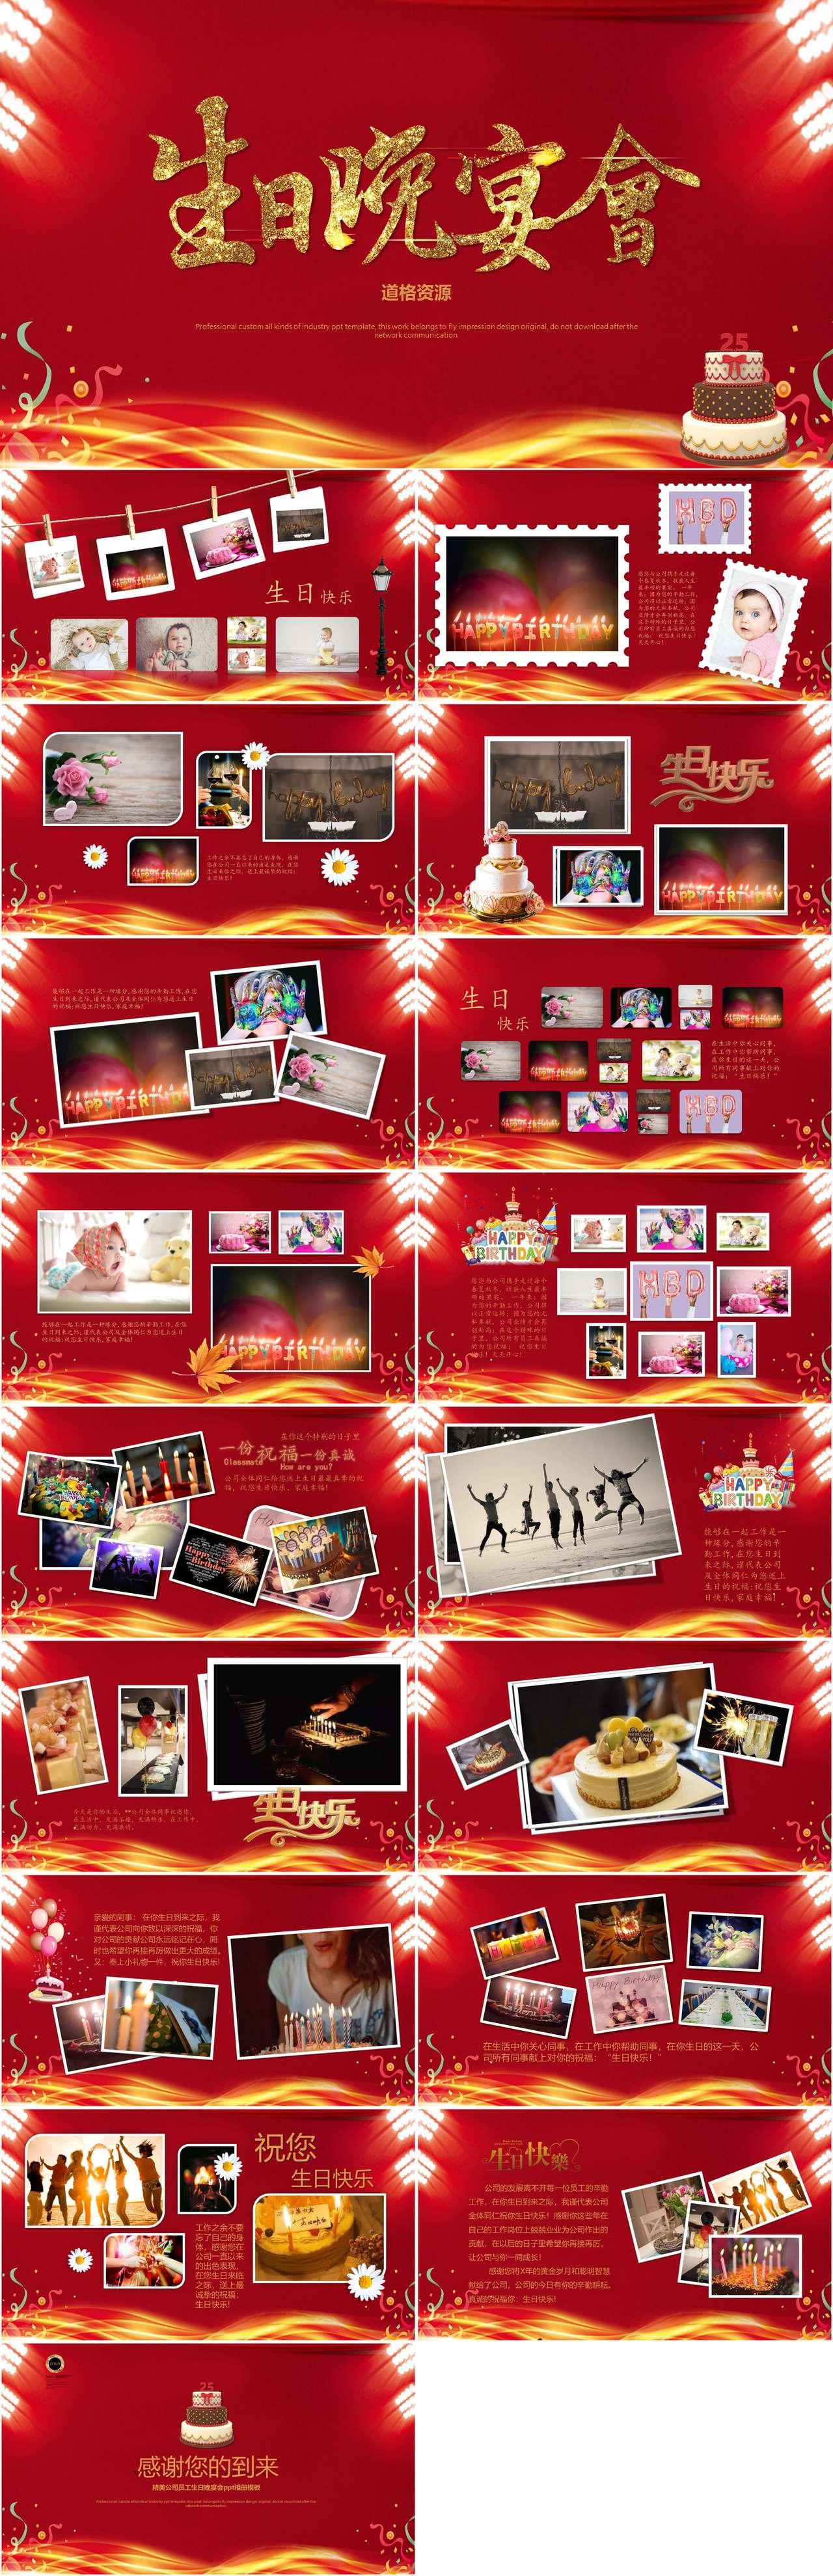 红色精美公司员工生日晚宴会相册PPT模板插图1